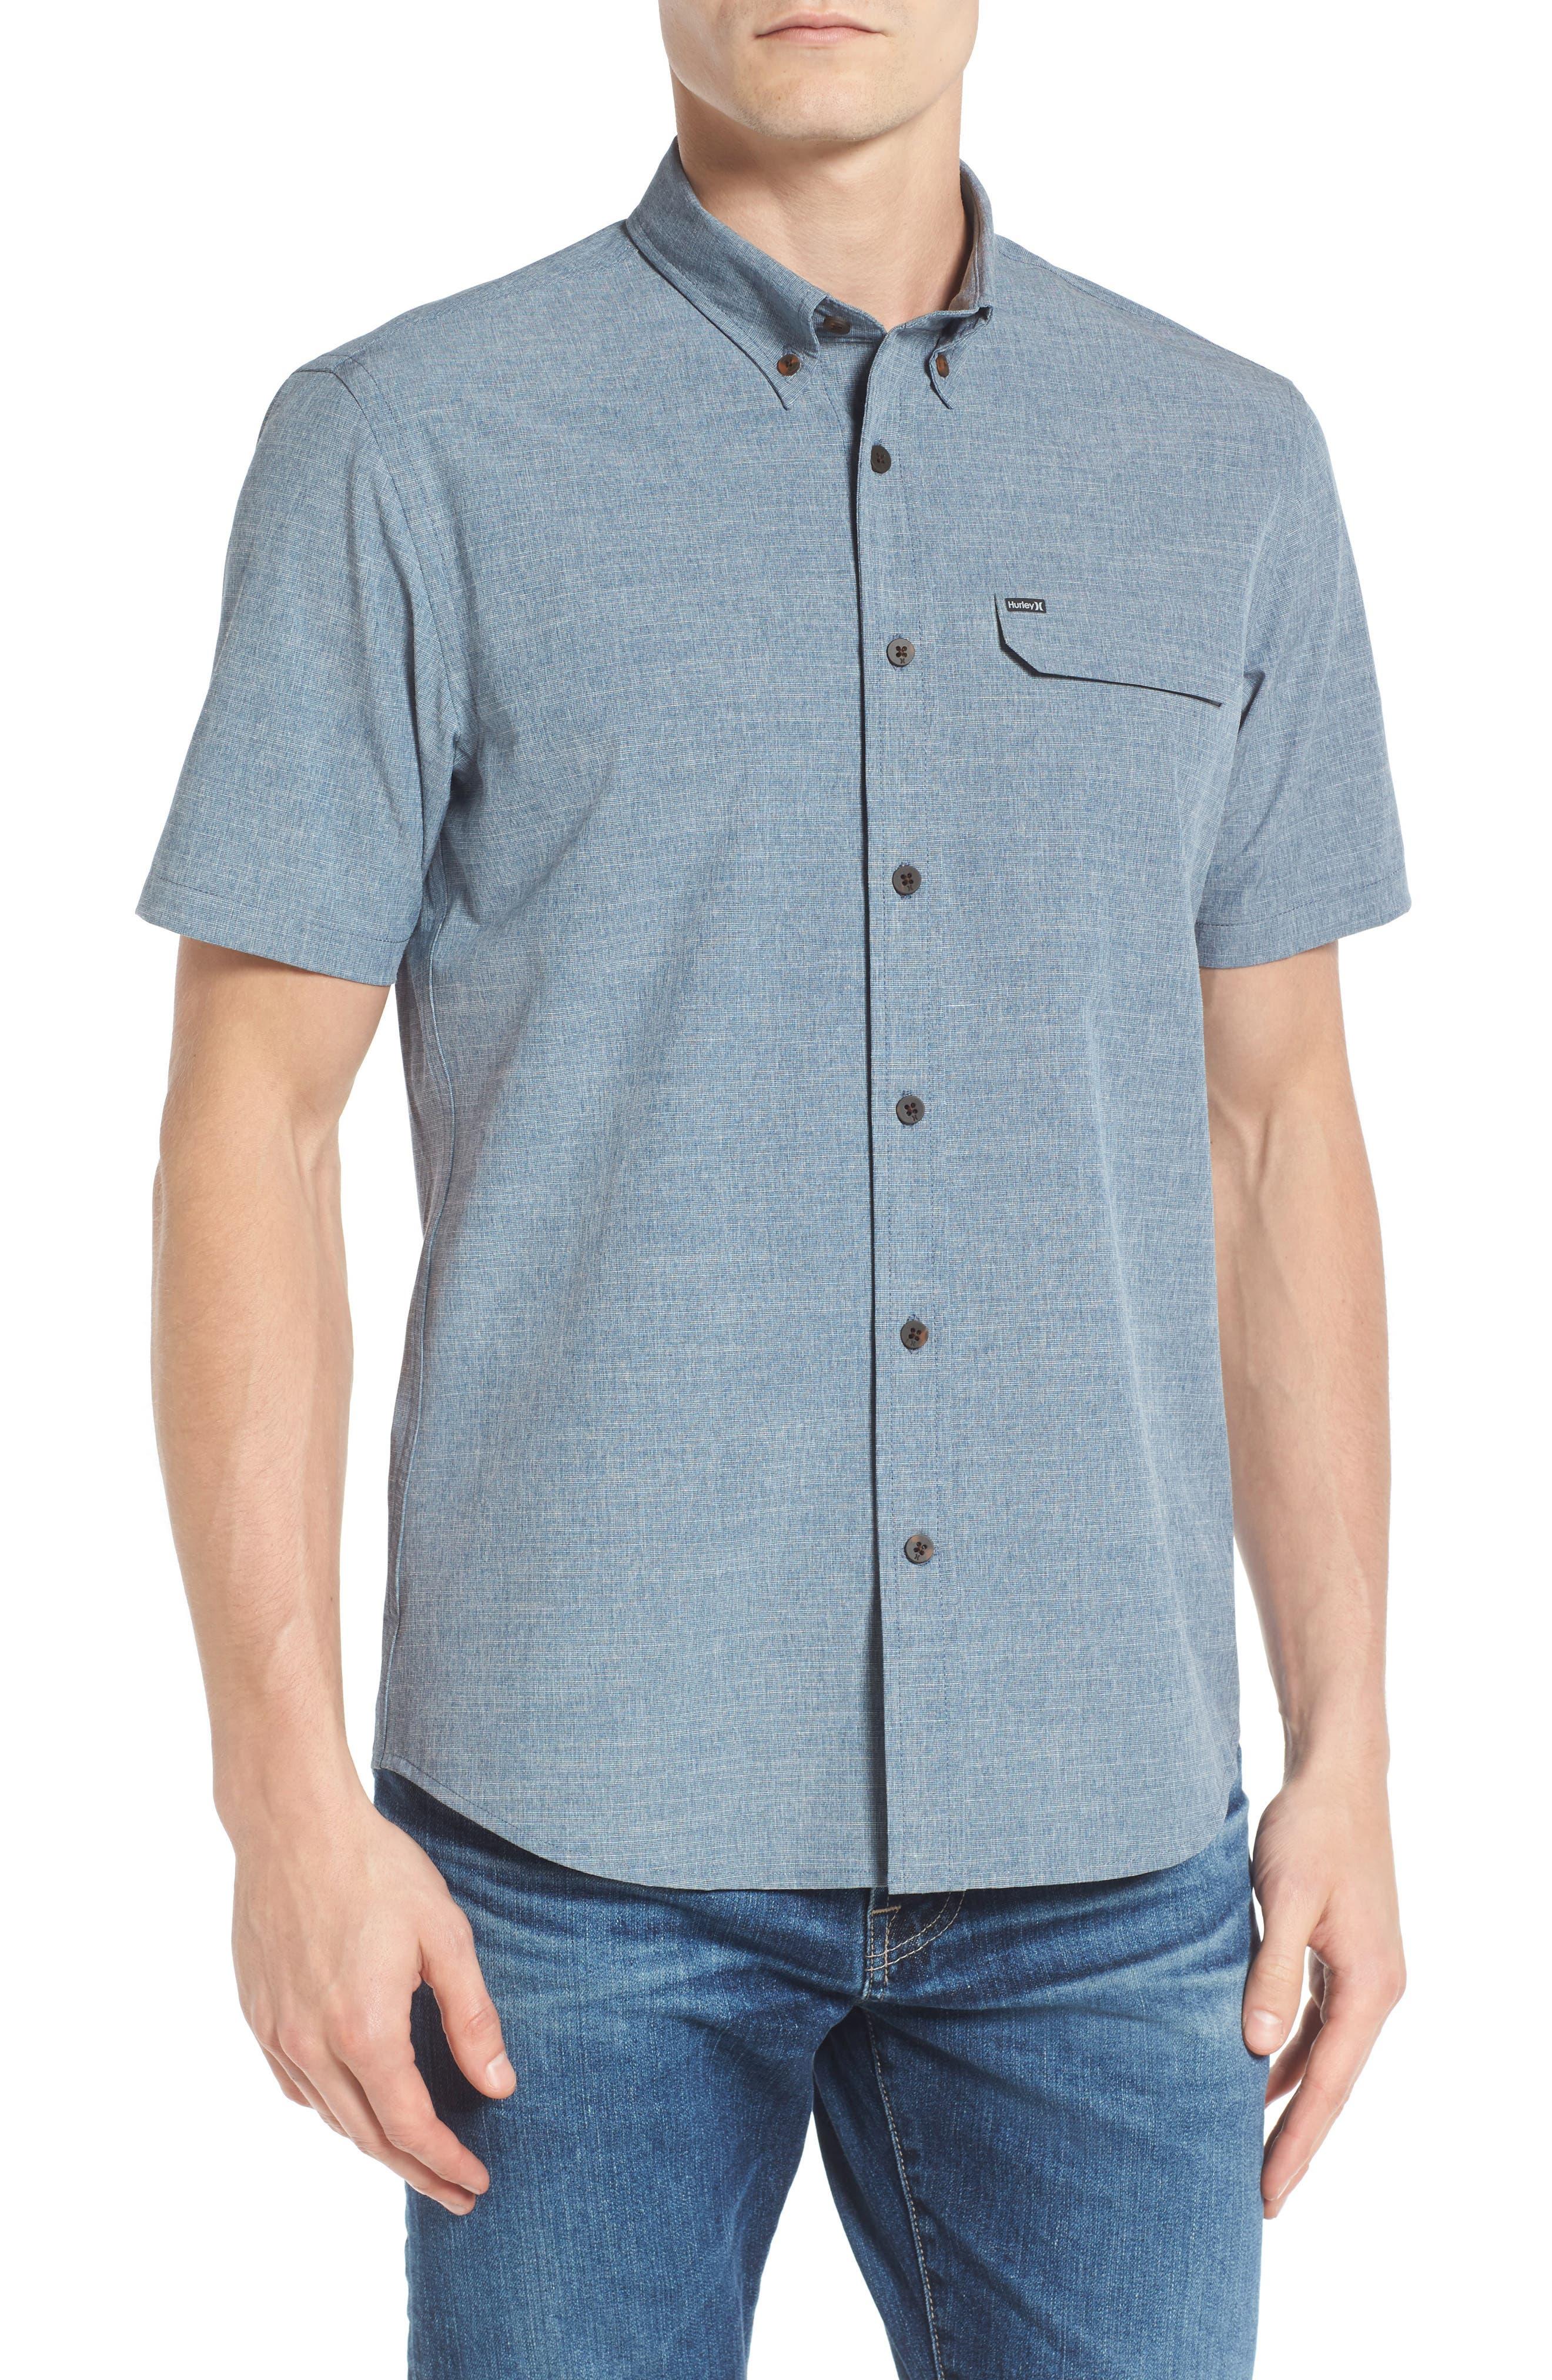 Hurley Woven Shirt